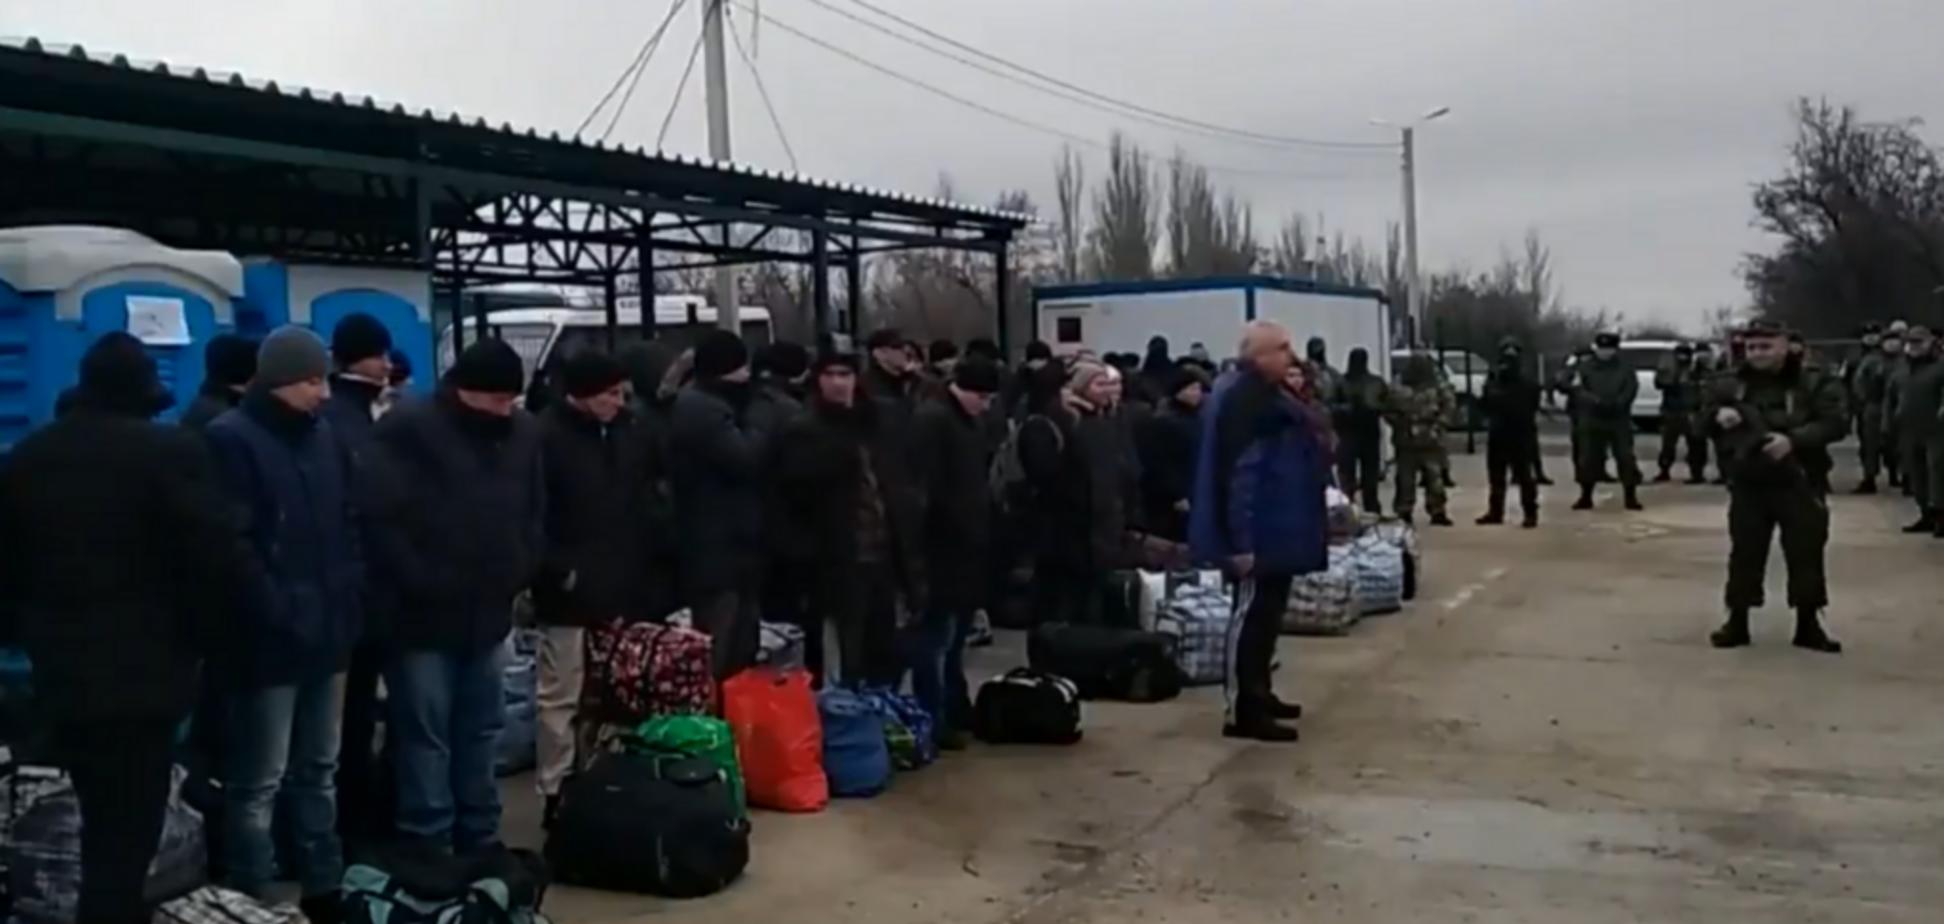 'Путін напав на мою країну! Ми повернемося!' Звільнений з полону українець жорстко звернувся до Росії: відео